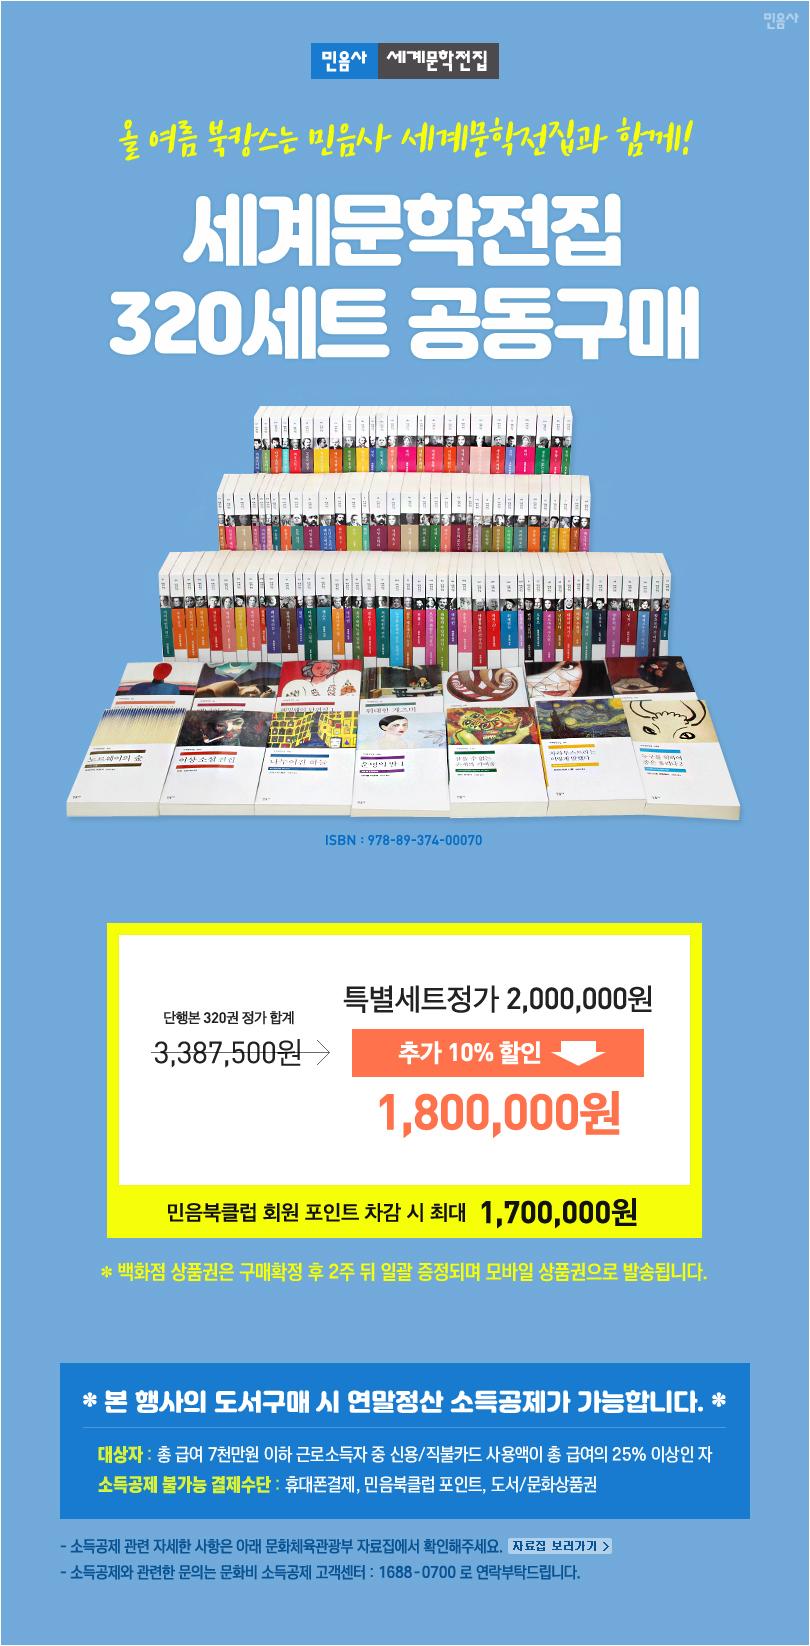 810_320공동구매_01 (1)